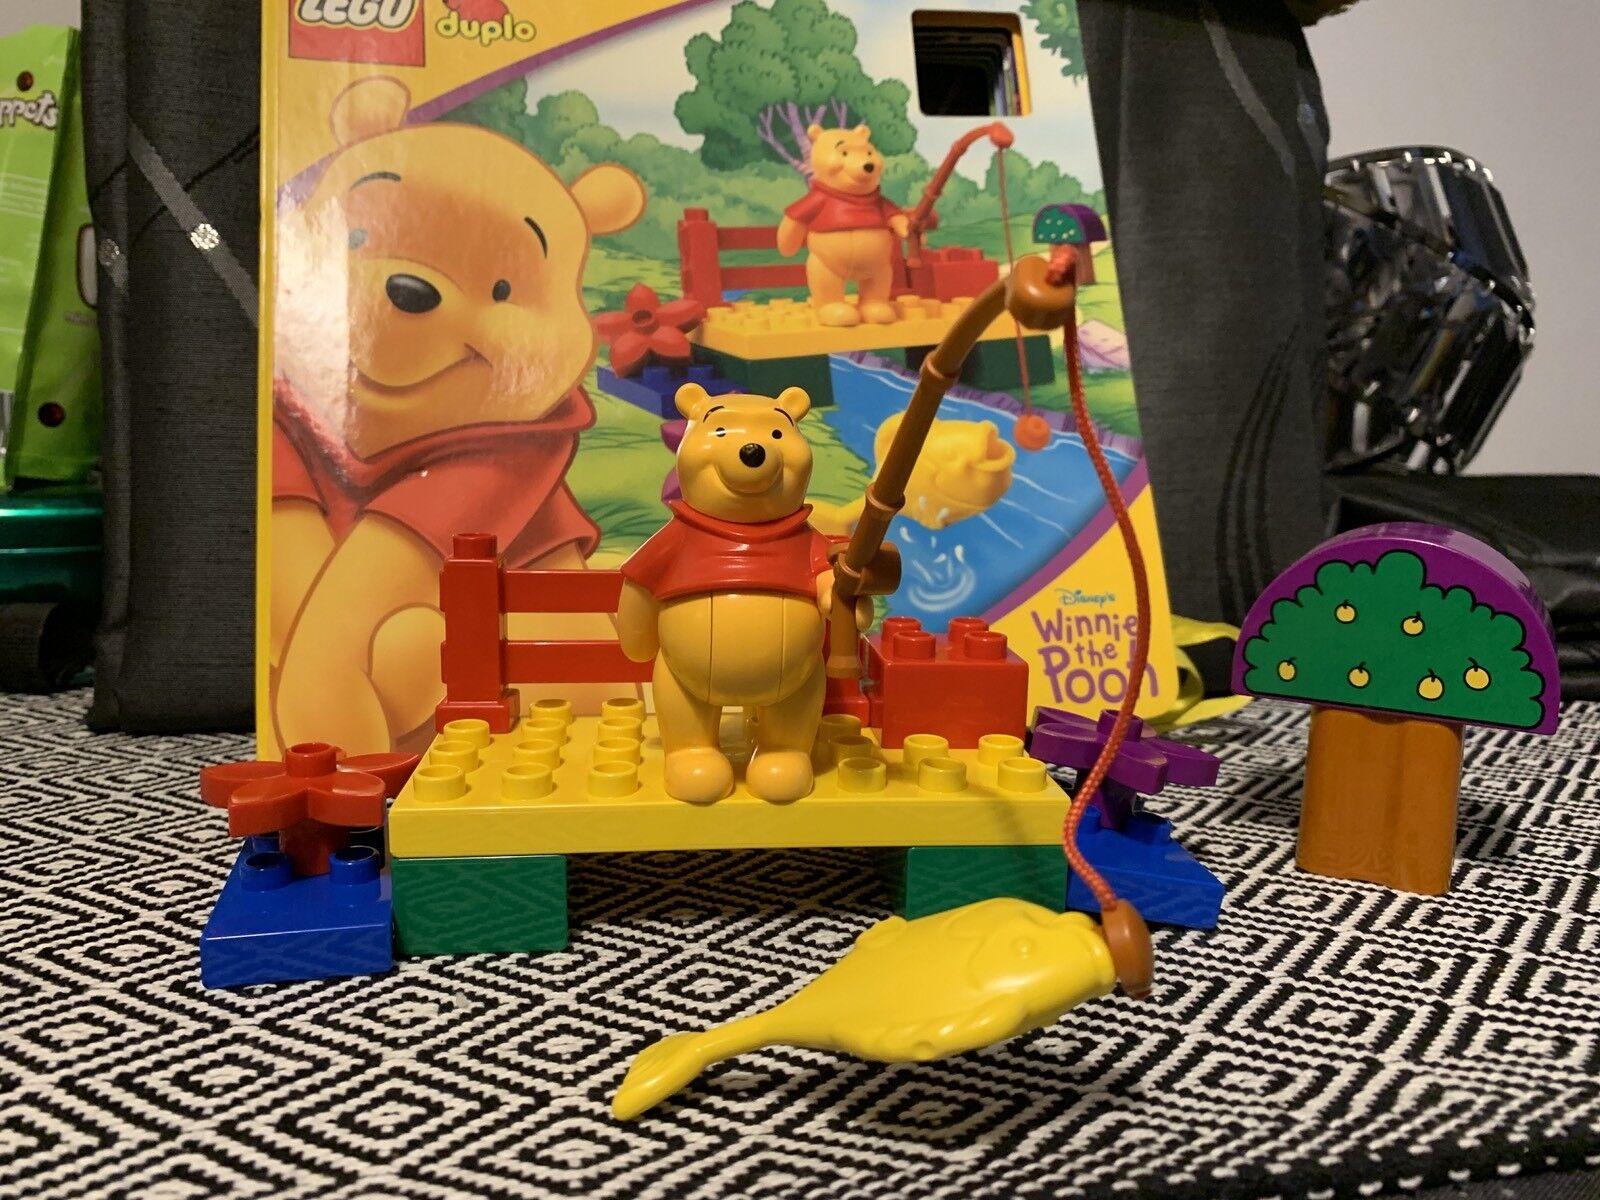 DUPLO WINNIE THE POOH LEGO Pop Up House 2979  2001  estremamente difficile da trovare